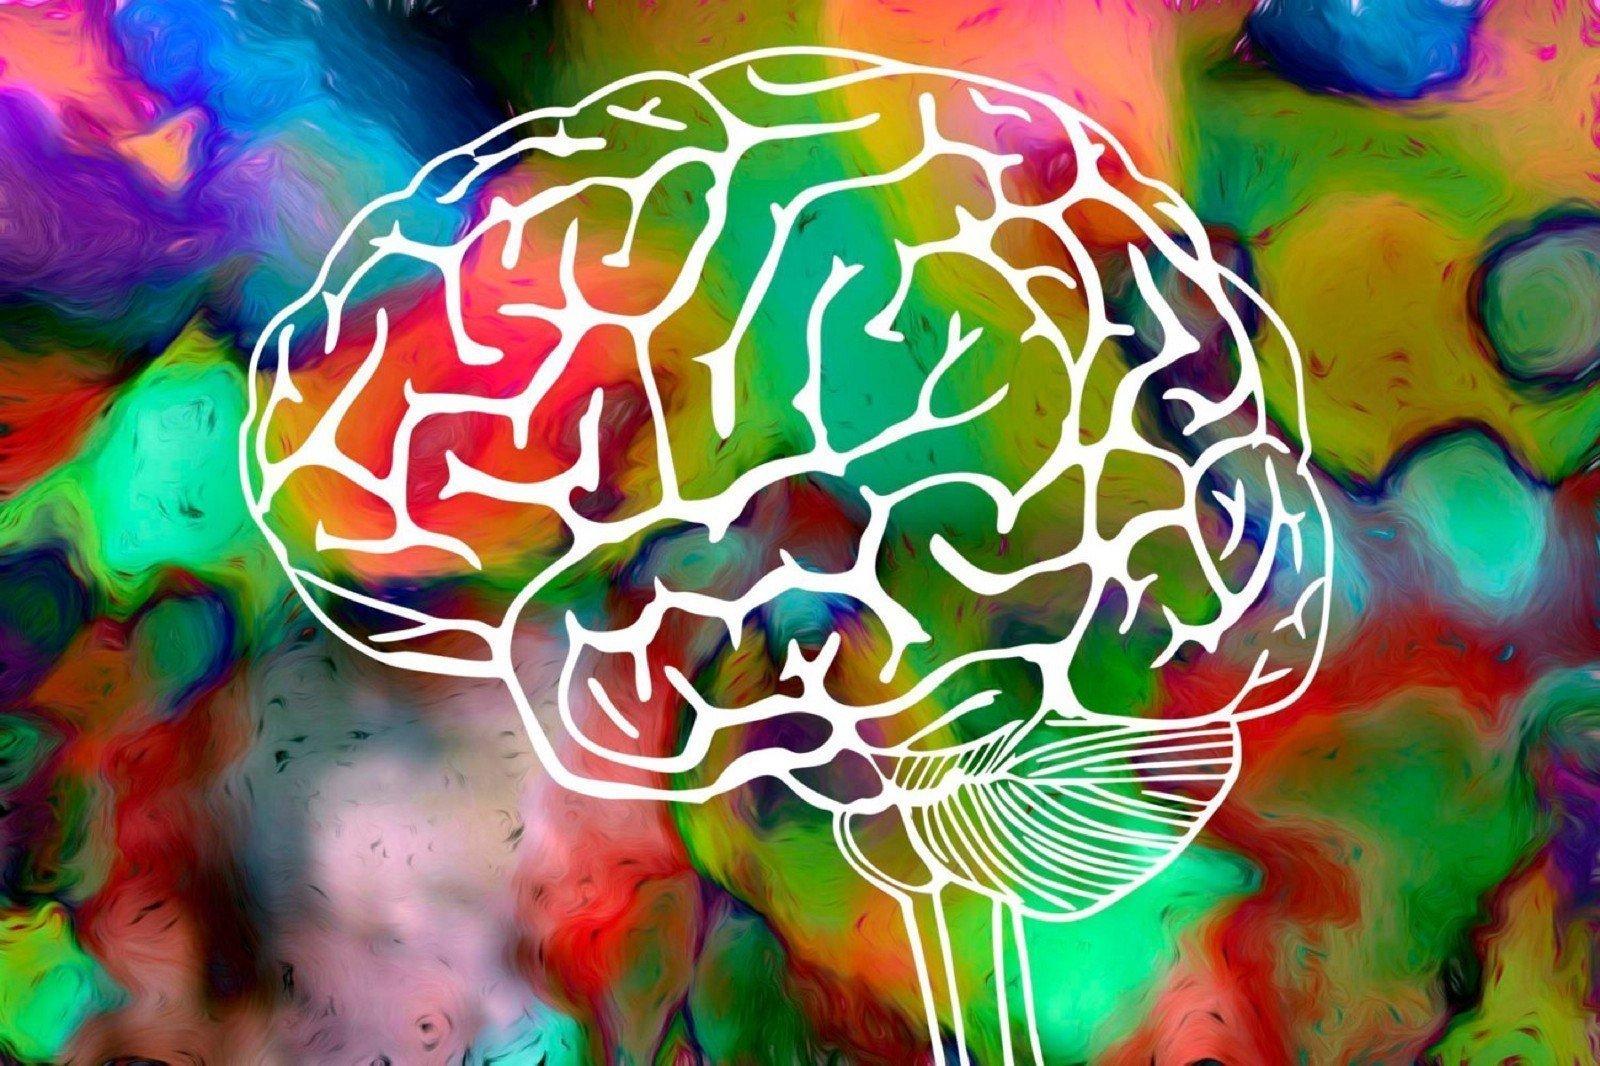 How Do Hallucinogens Work?